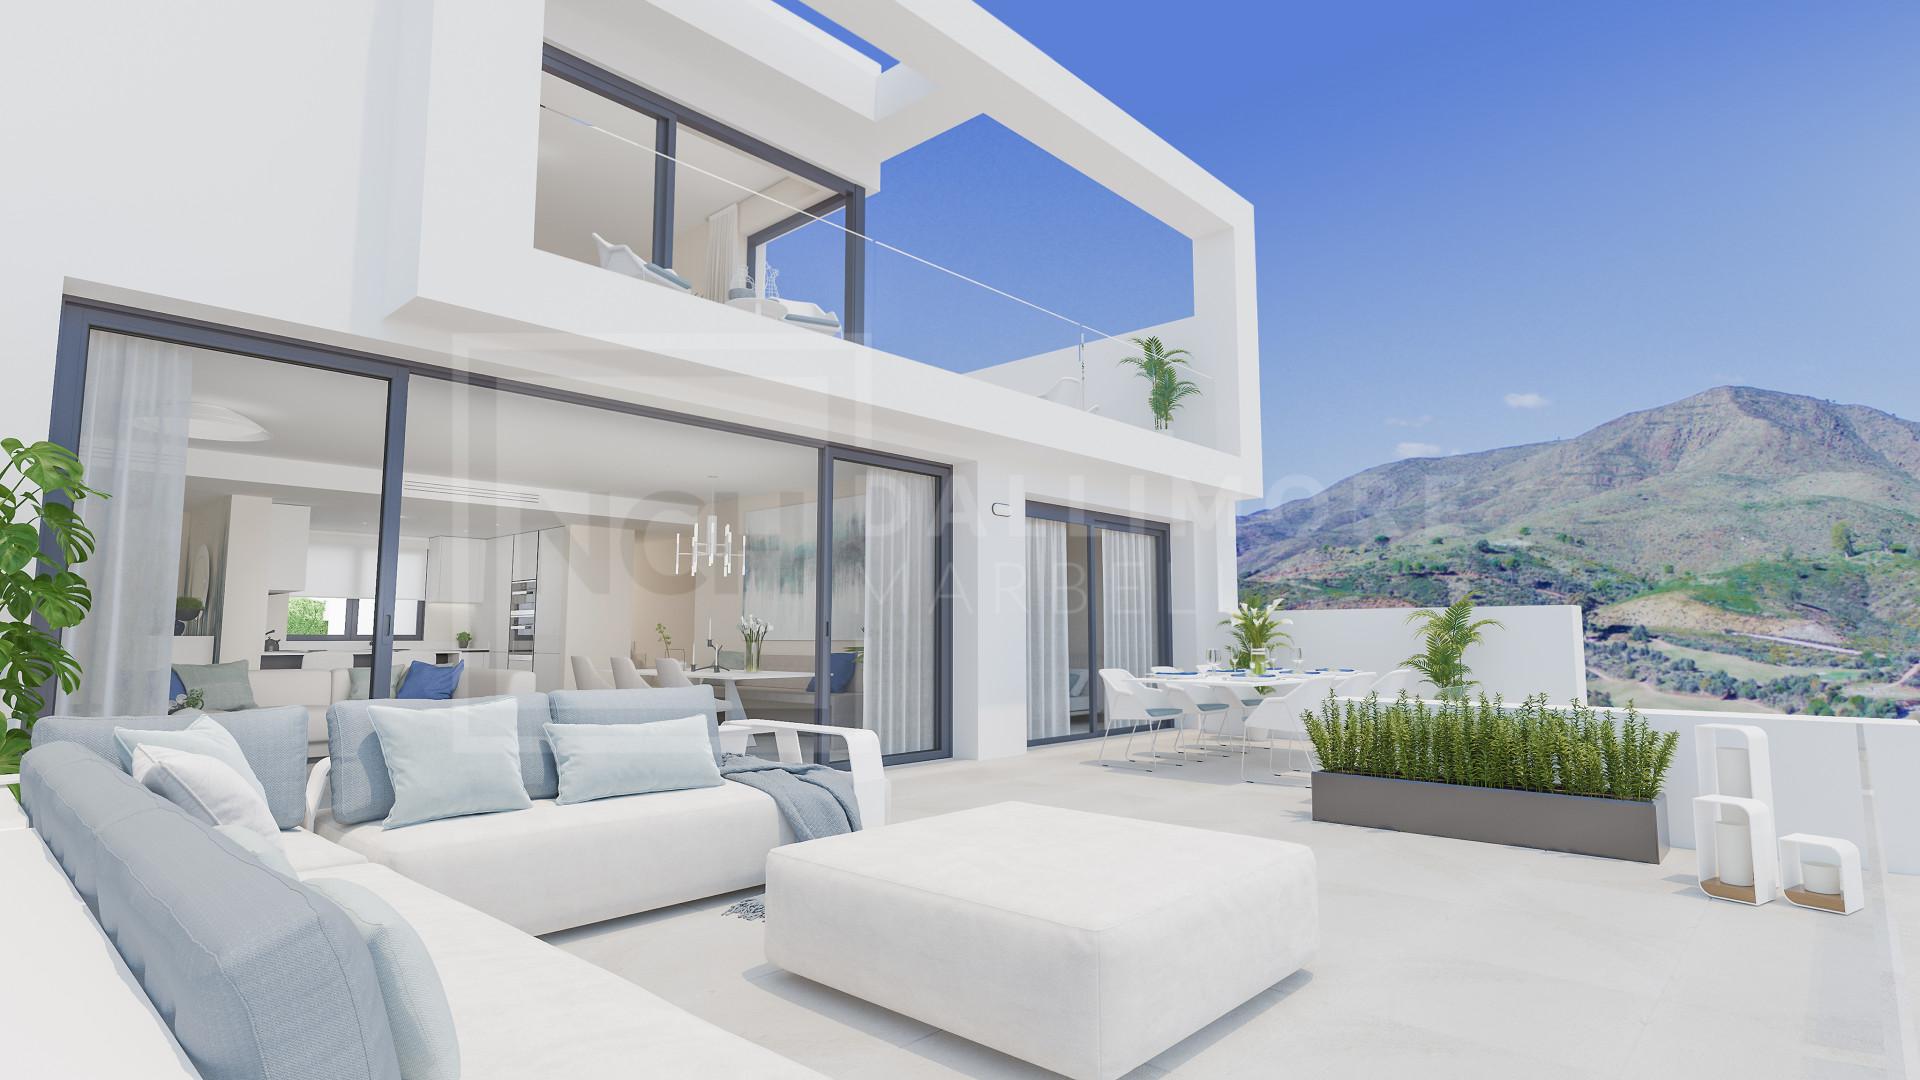 Duplex Penthouse La Cala Golf, Mijas Costa – NEWPH6526